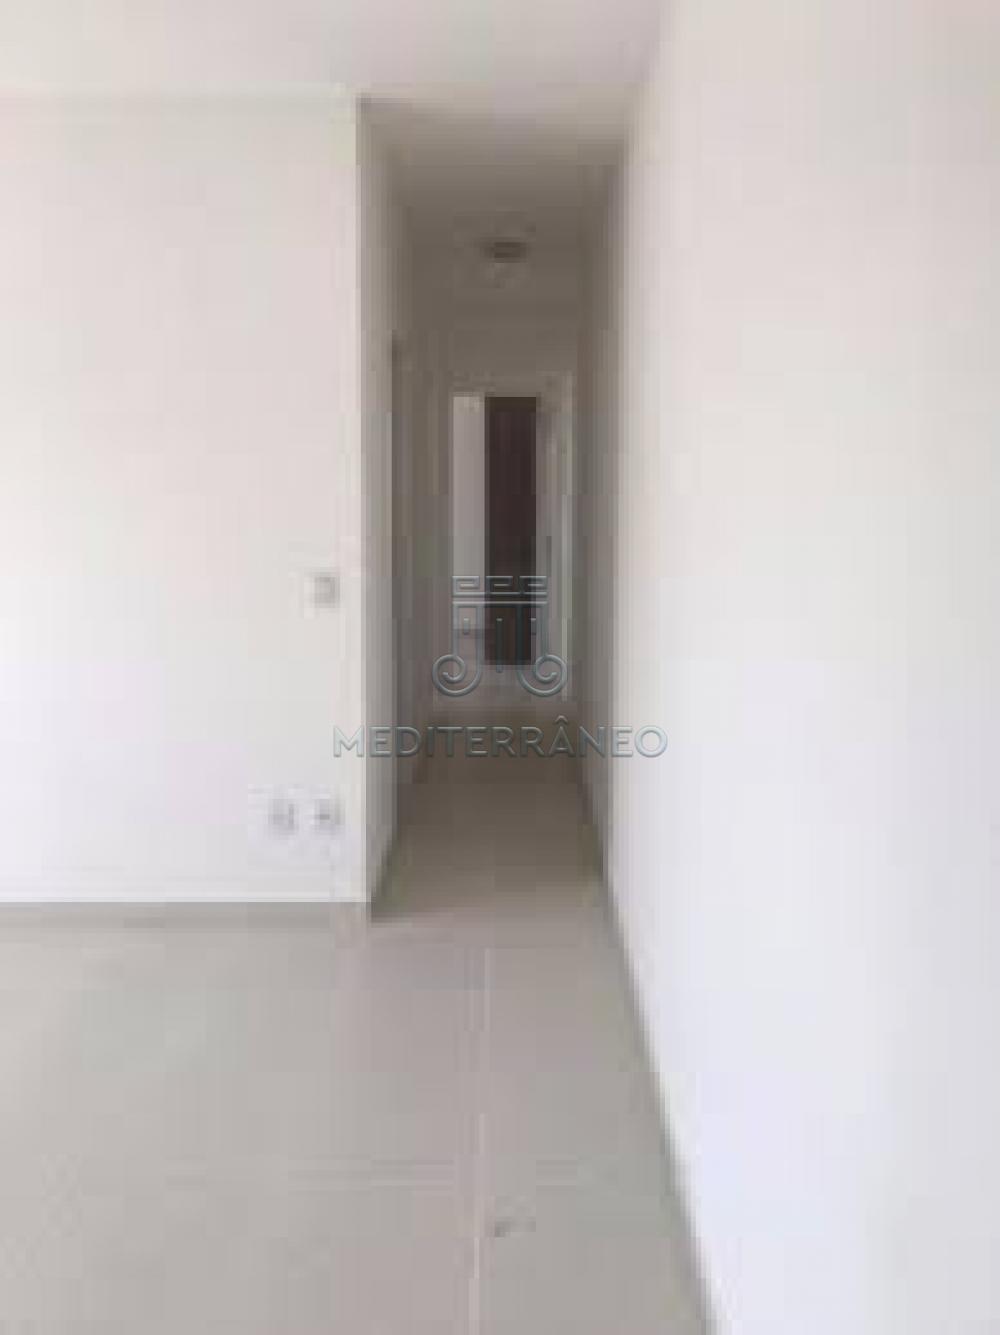 Alugar Apartamento / Padrão em Jundiaí apenas R$ 1.270,00 - Foto 11